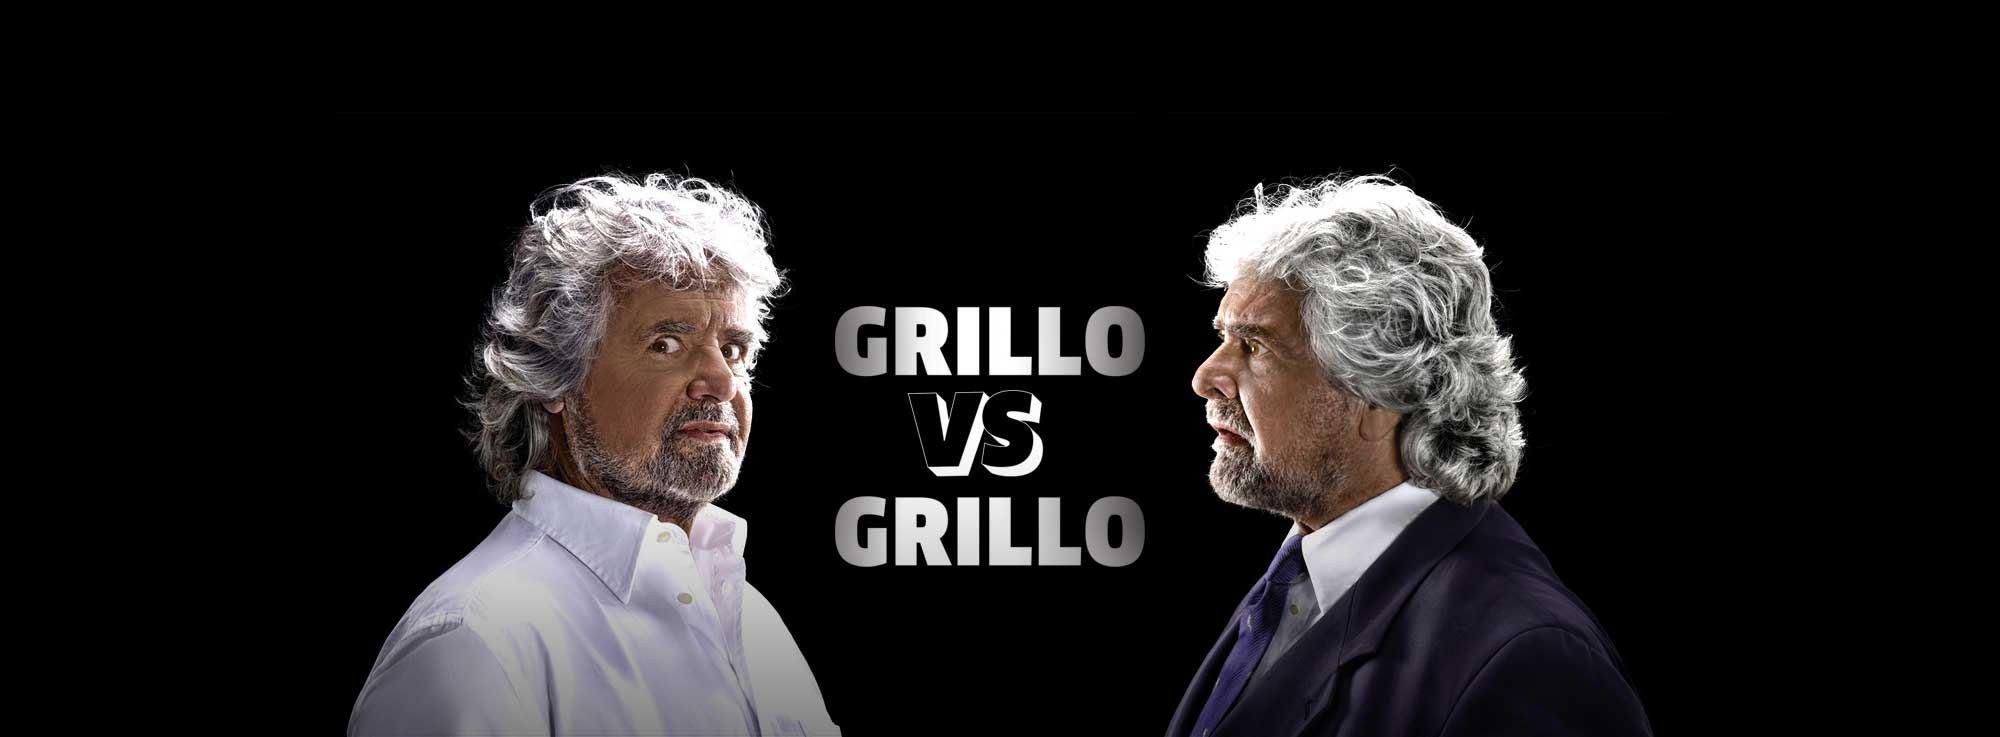 Taranto e Bari: Grillo vs Grillo